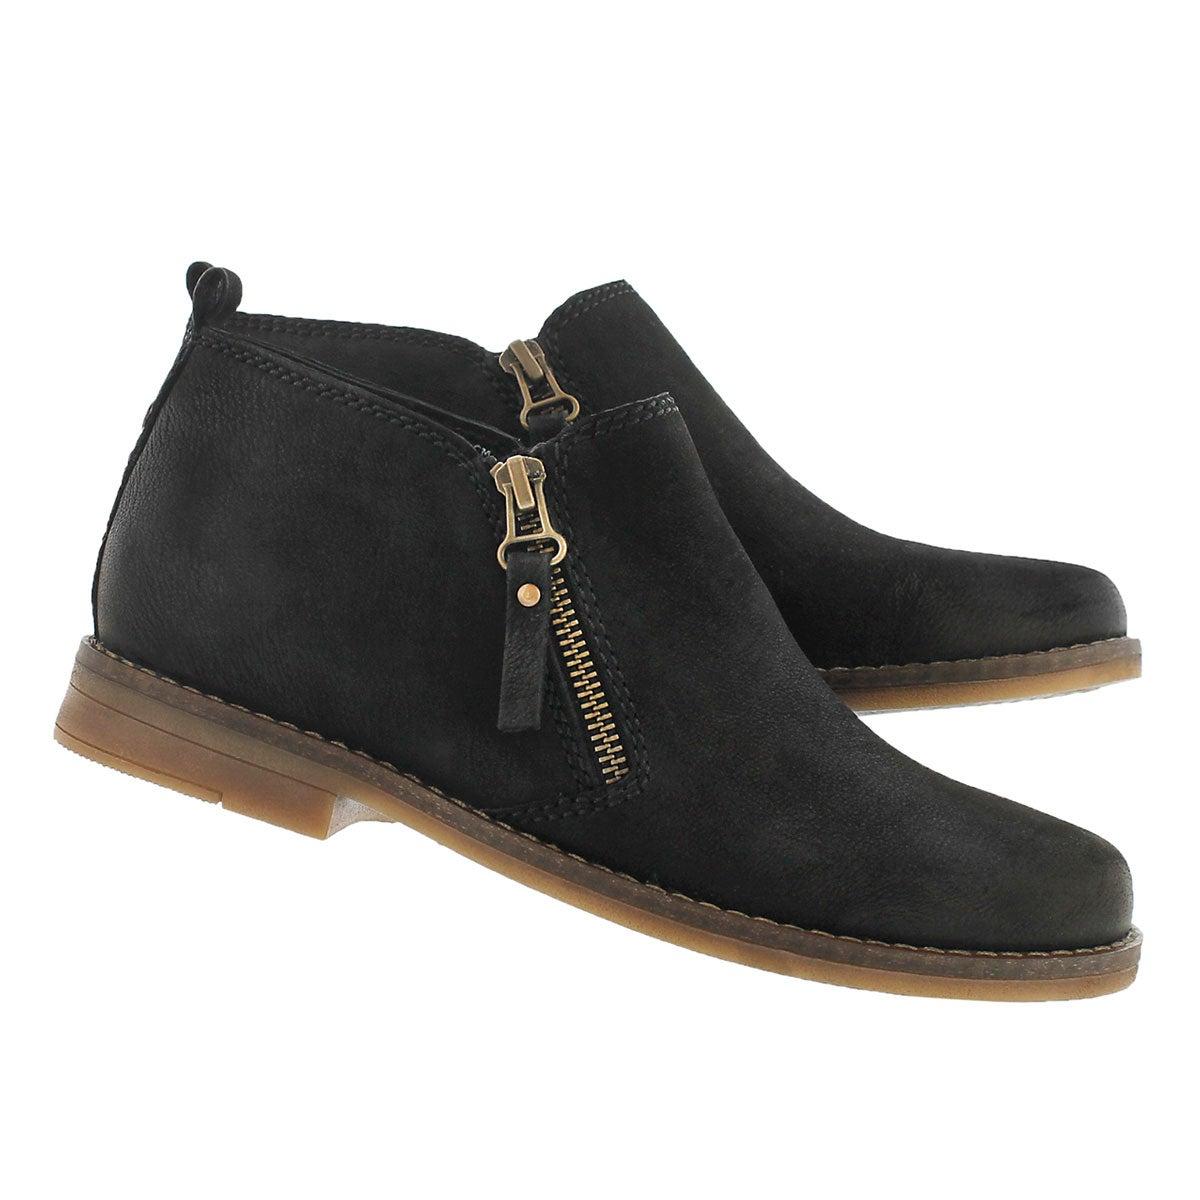 Lds Mazin Cayto black zip up casual boot